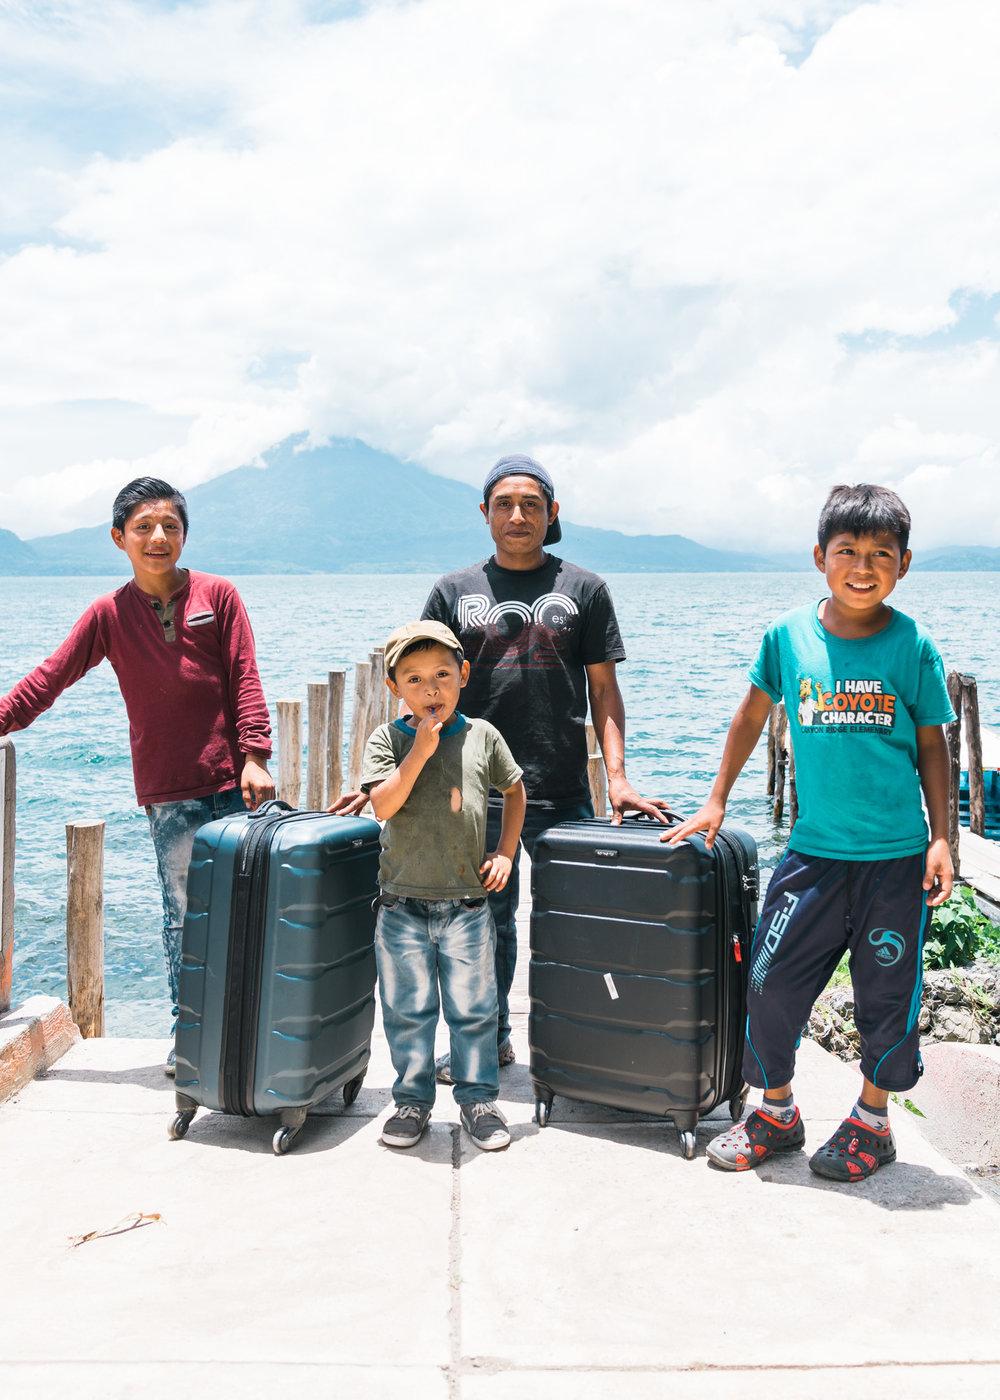 Venturo and his posse of niños in Jaibalito at lake atitlan